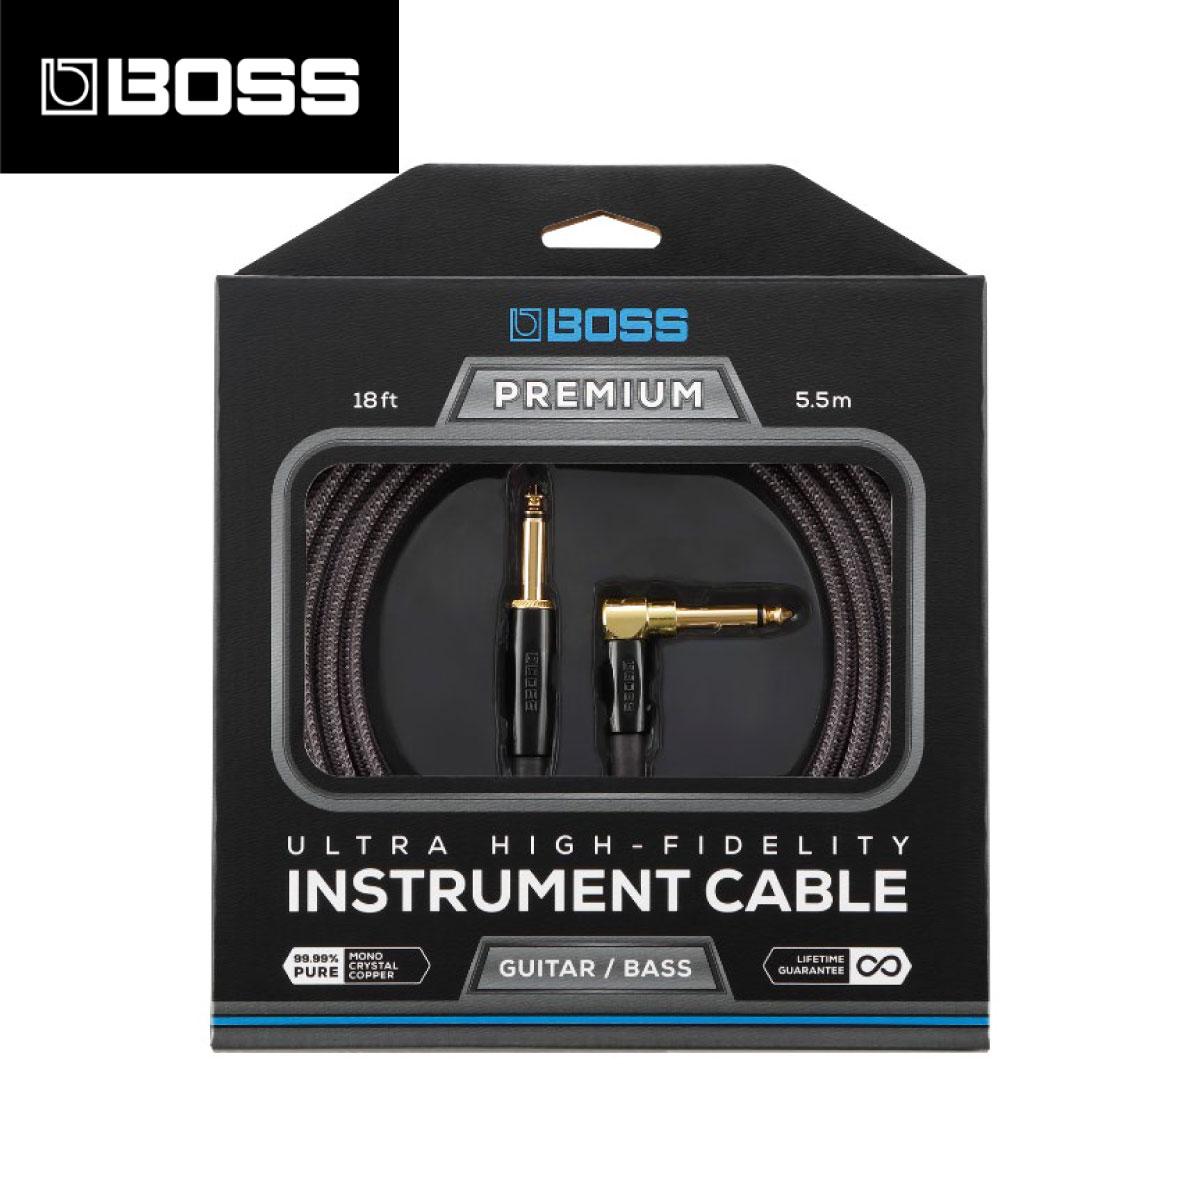 BOSS BIC-P18A 5.5m 片側L型プラグ 新品 [ボス][Instrument Cable,シールド][SL,S/L][楽器用ケーブル,Guitar,Bass,ギター,ベース]